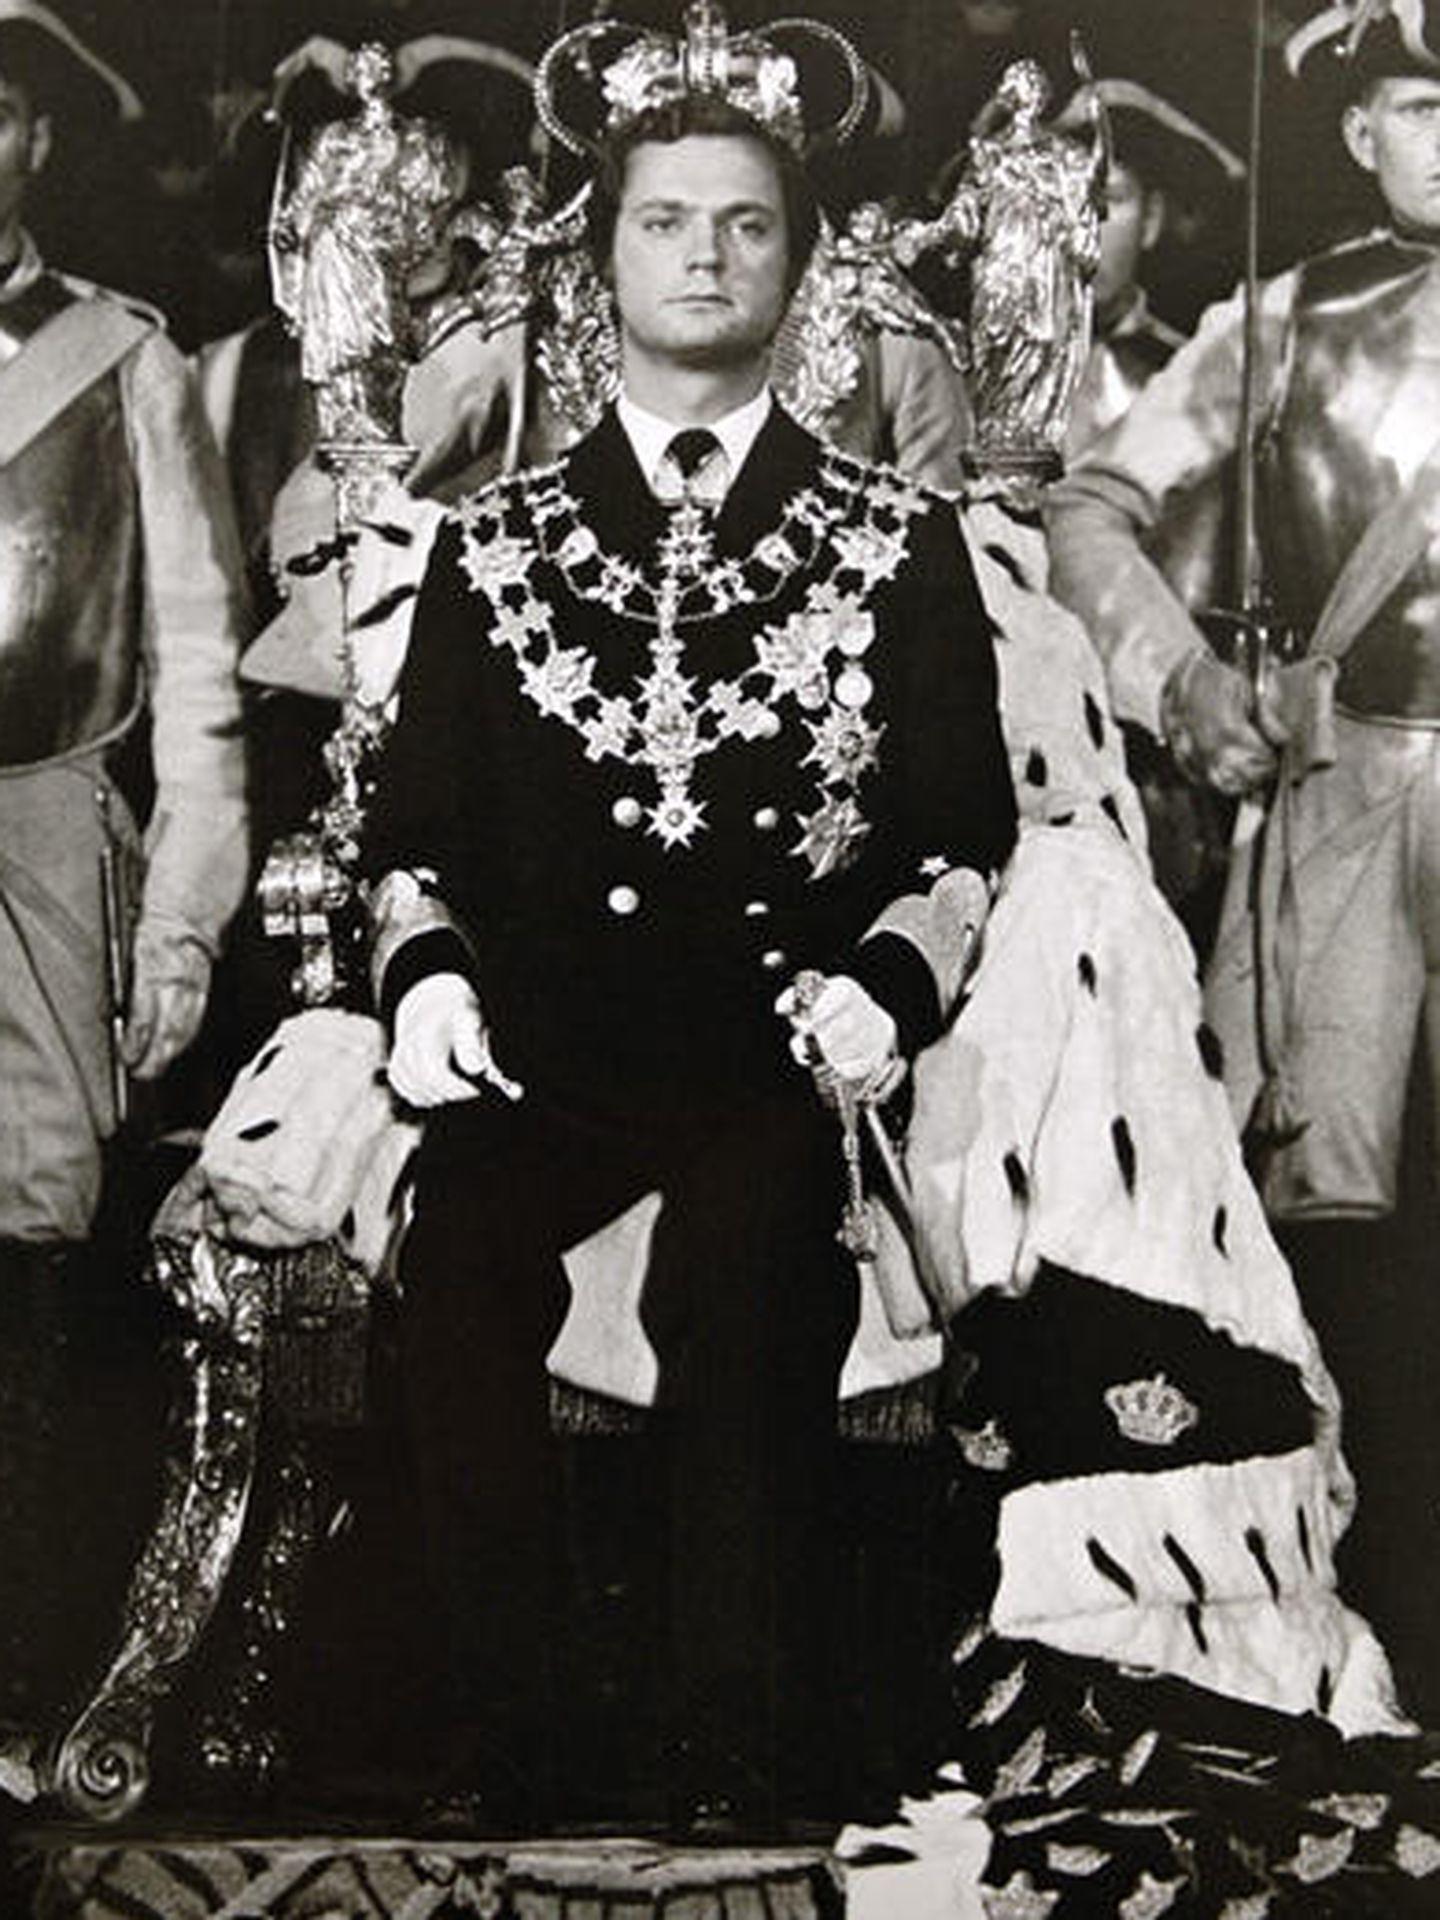 El Rey Carlos Gustavo de Suecia el día de su coronación